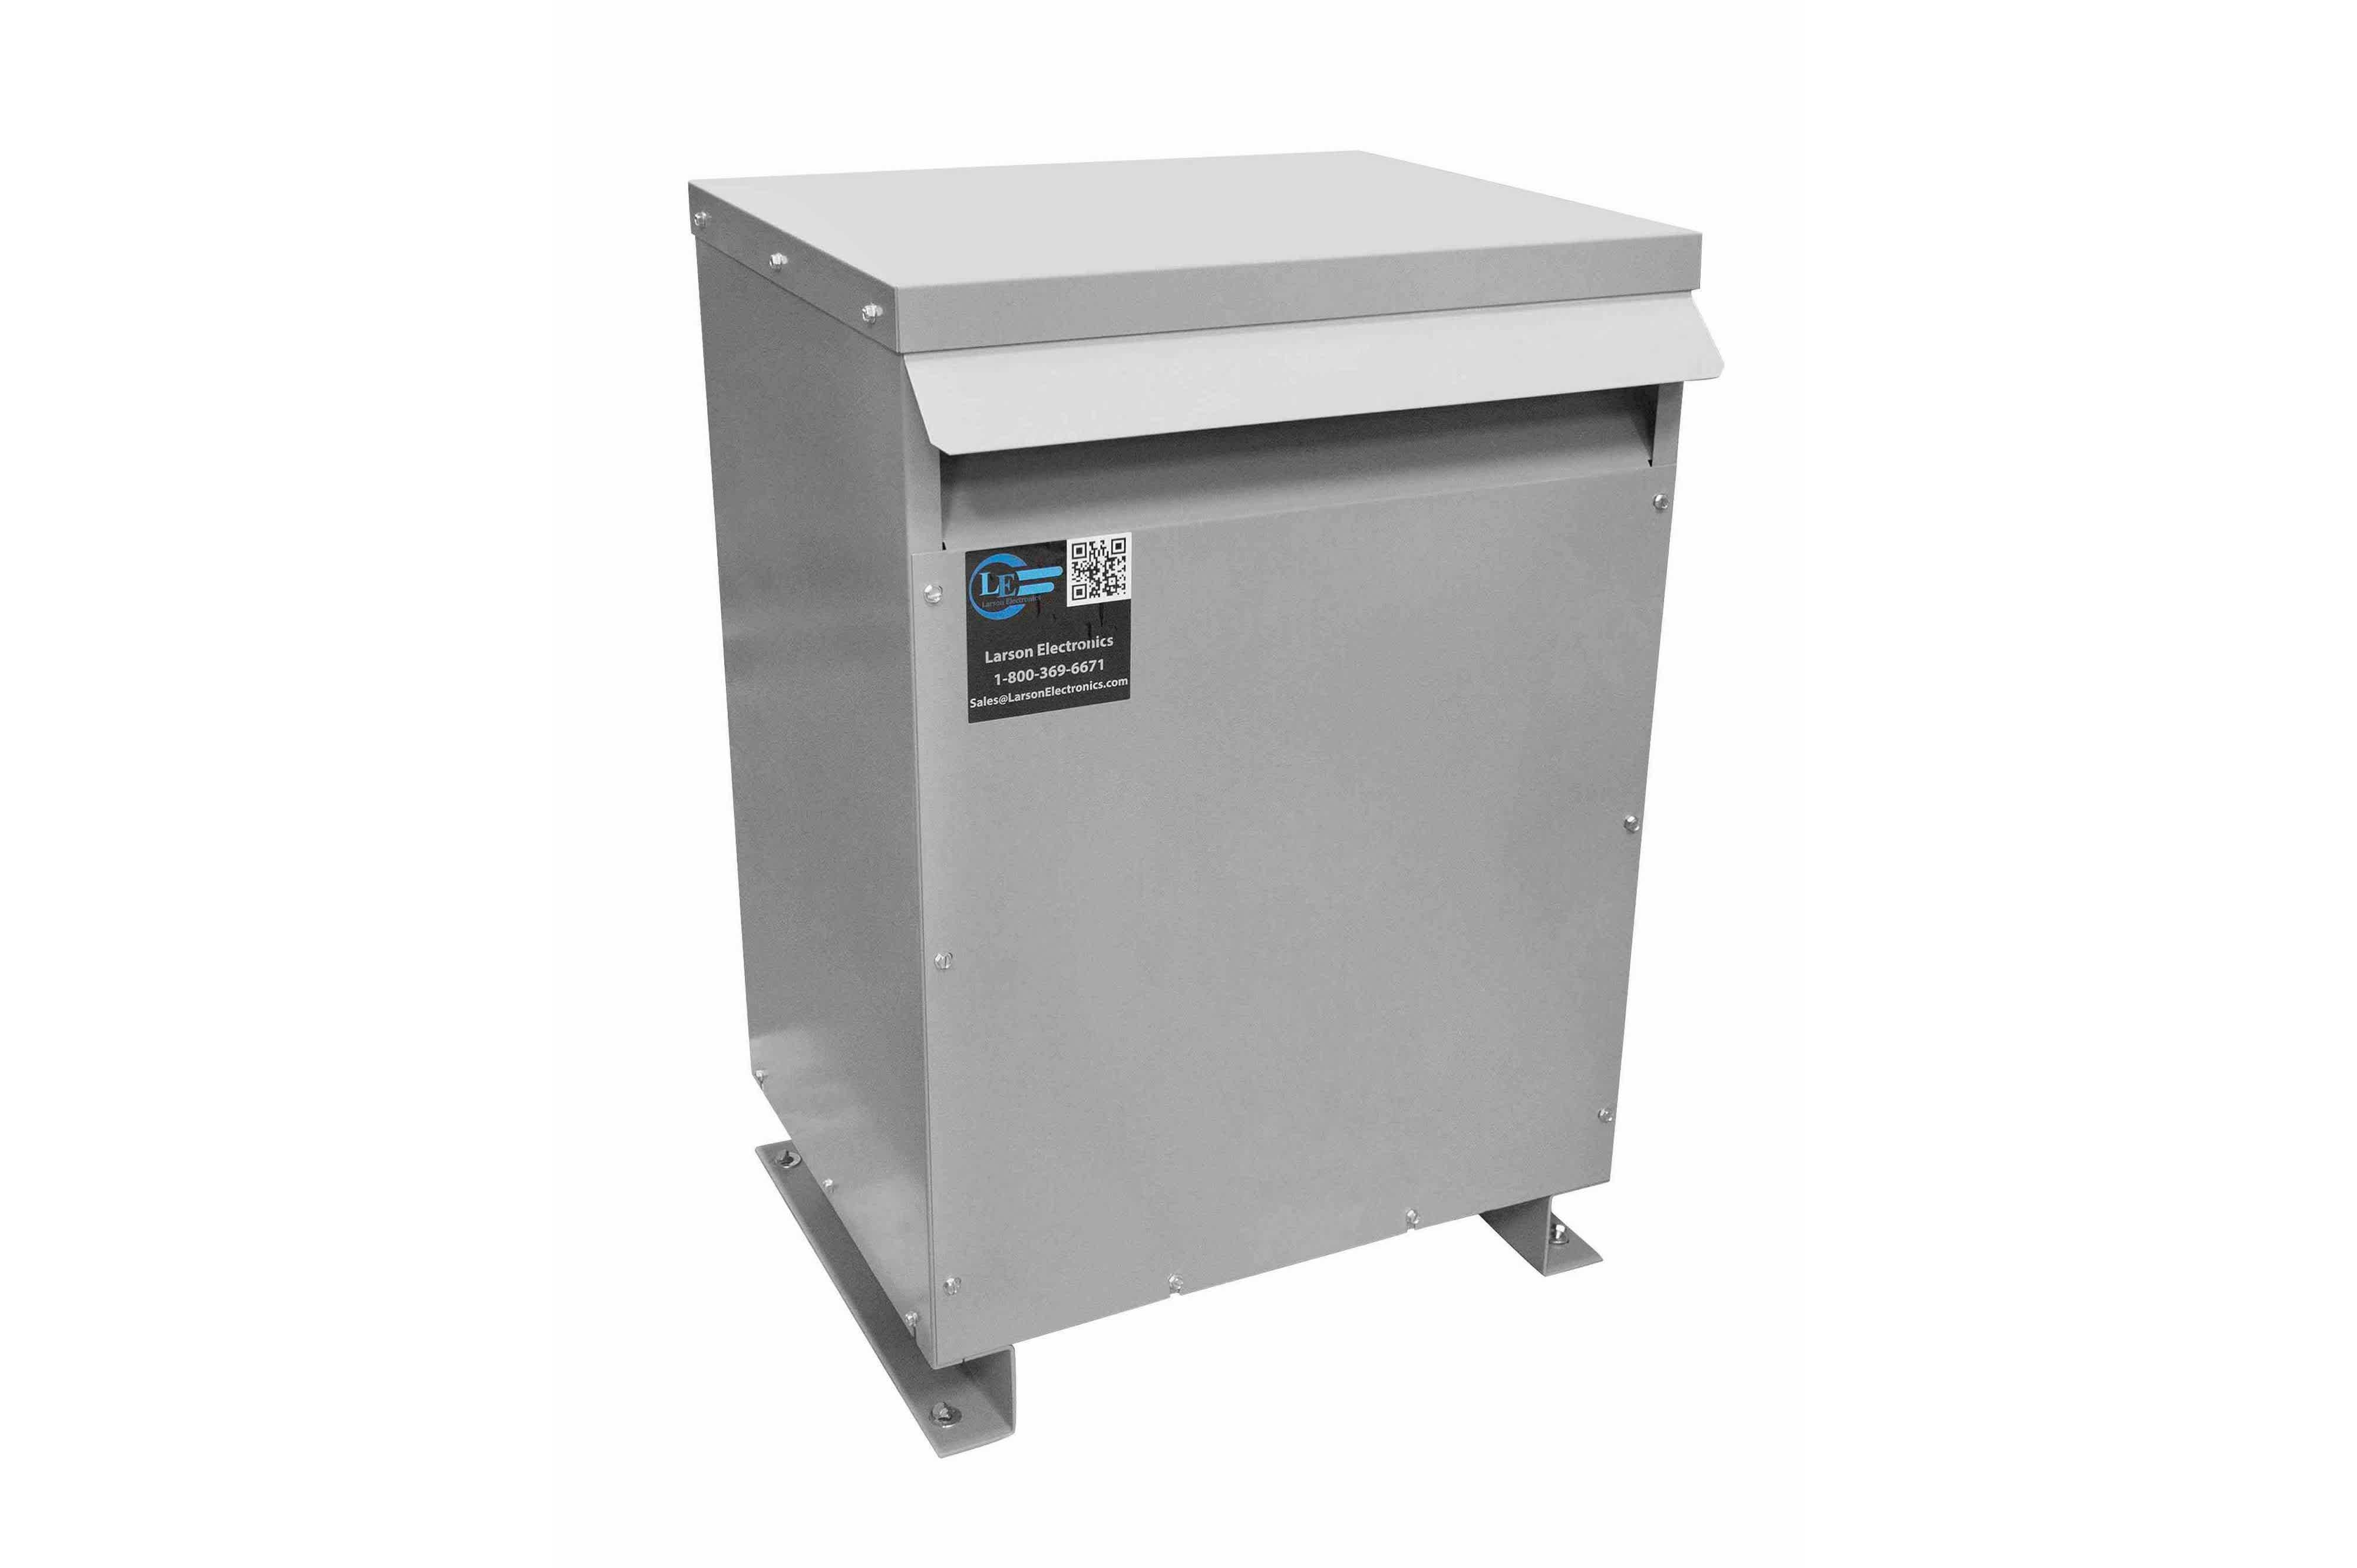 10 kVA 3PH Isolation Transformer, 460V Delta Primary, 415V Delta Secondary, N3R, Ventilated, 60 Hz